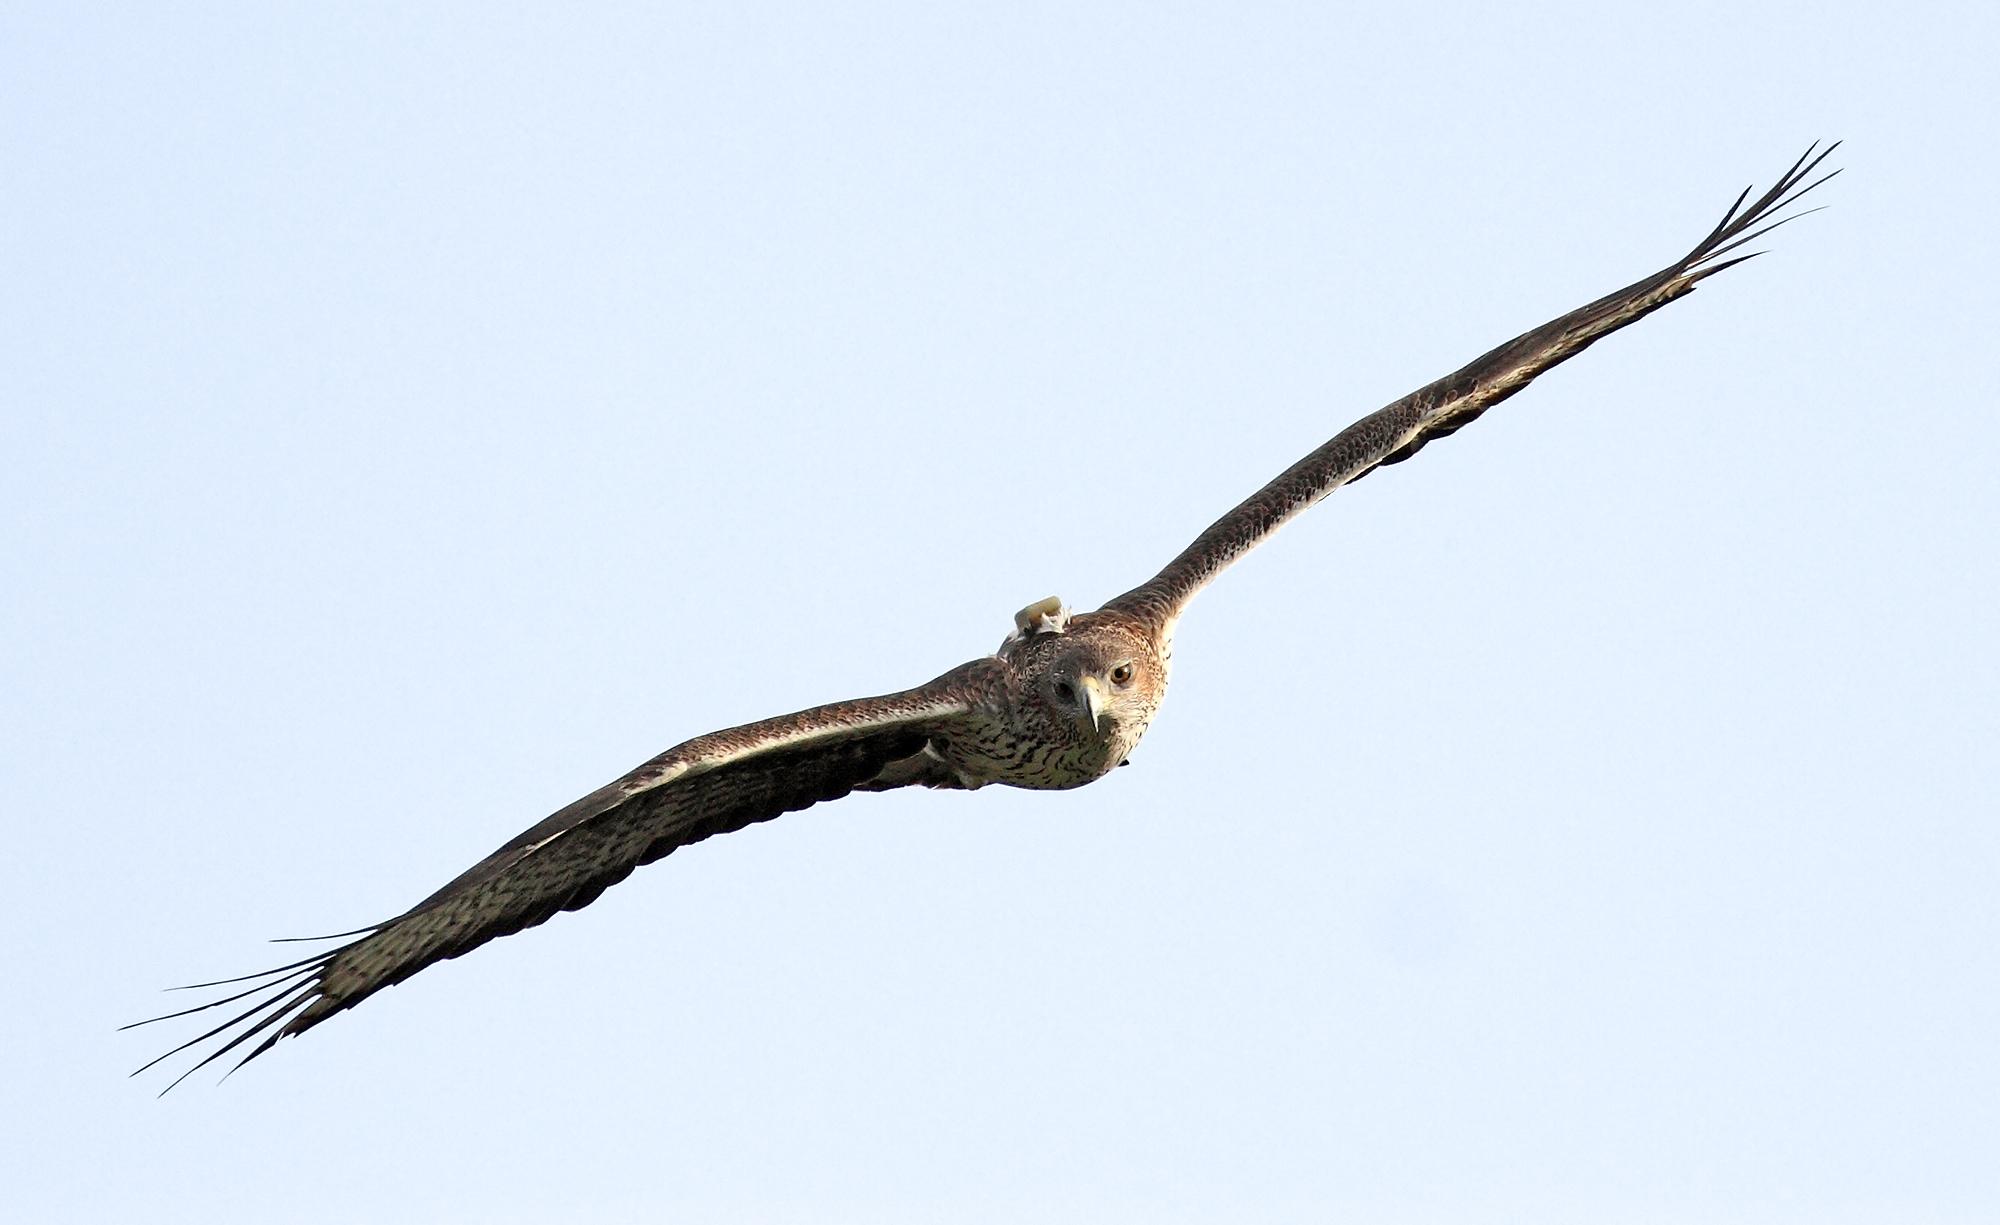 Una águila de Bonelli reproductora reintroducida vuela en la Comunidad de Madrid, con su emisor GPS visible. Imagen: Sergio de la Fuente / Grefa